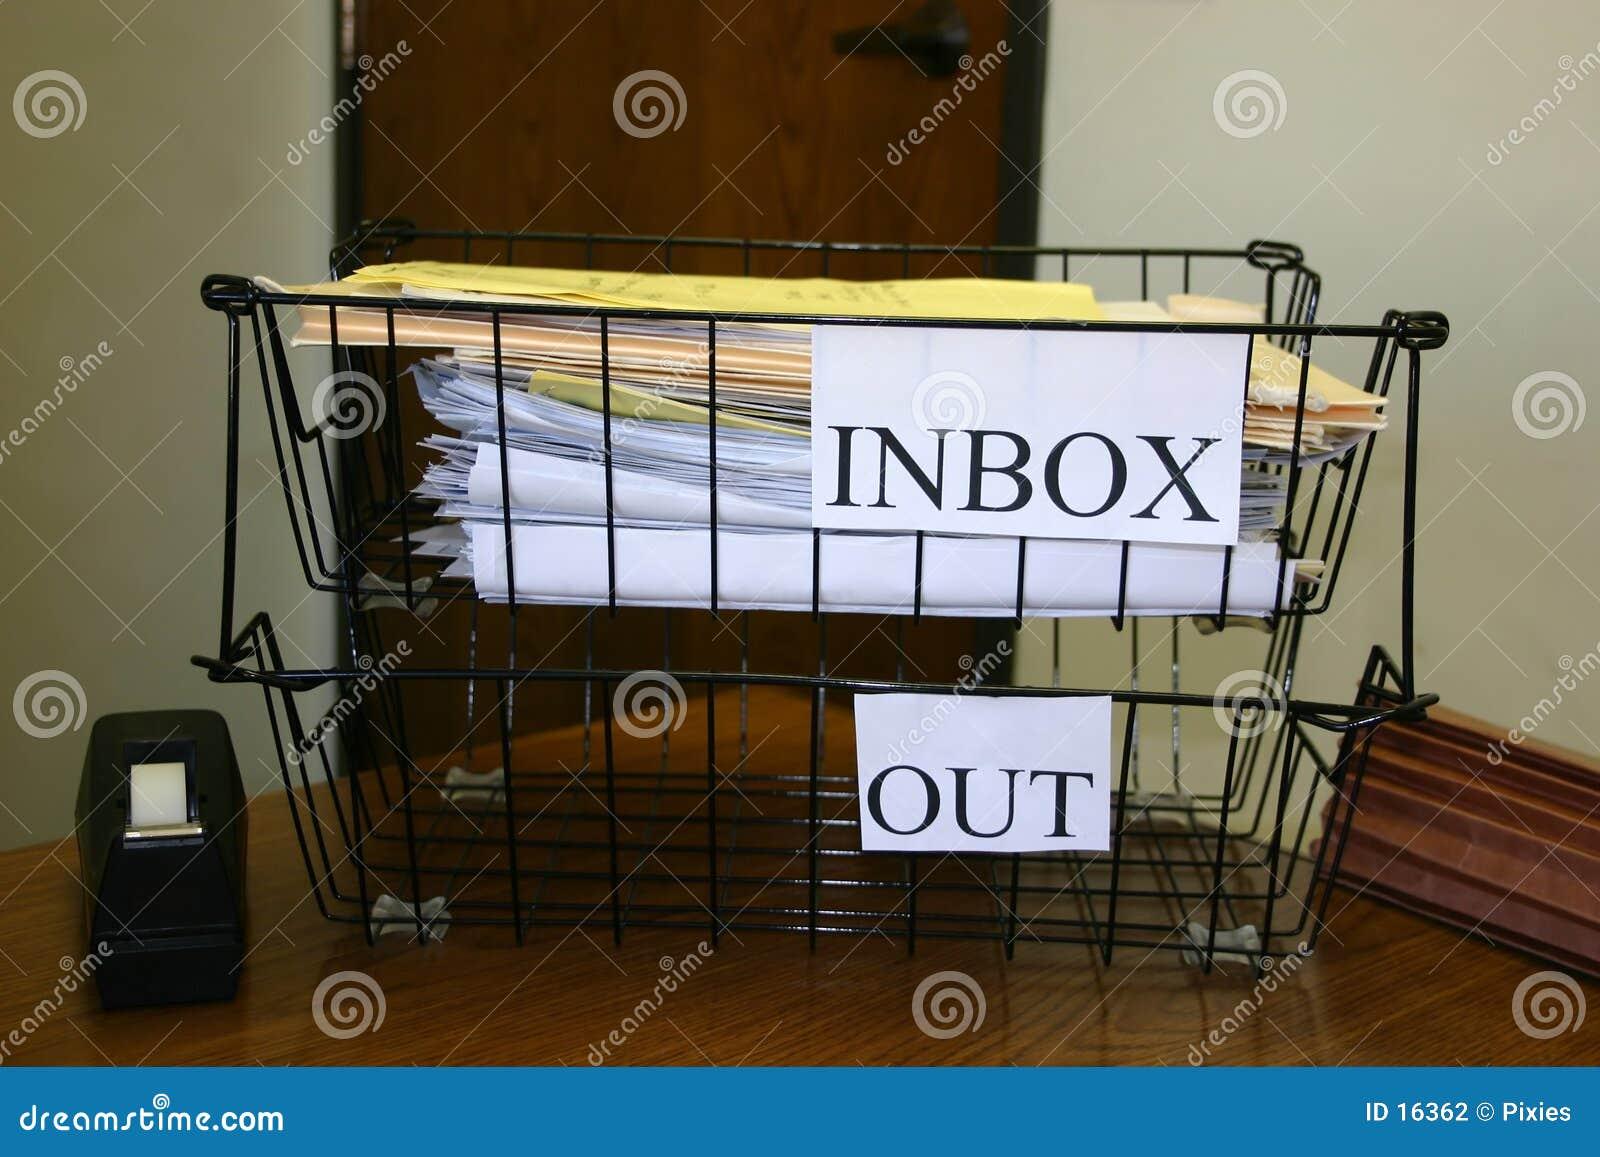 My Inbox